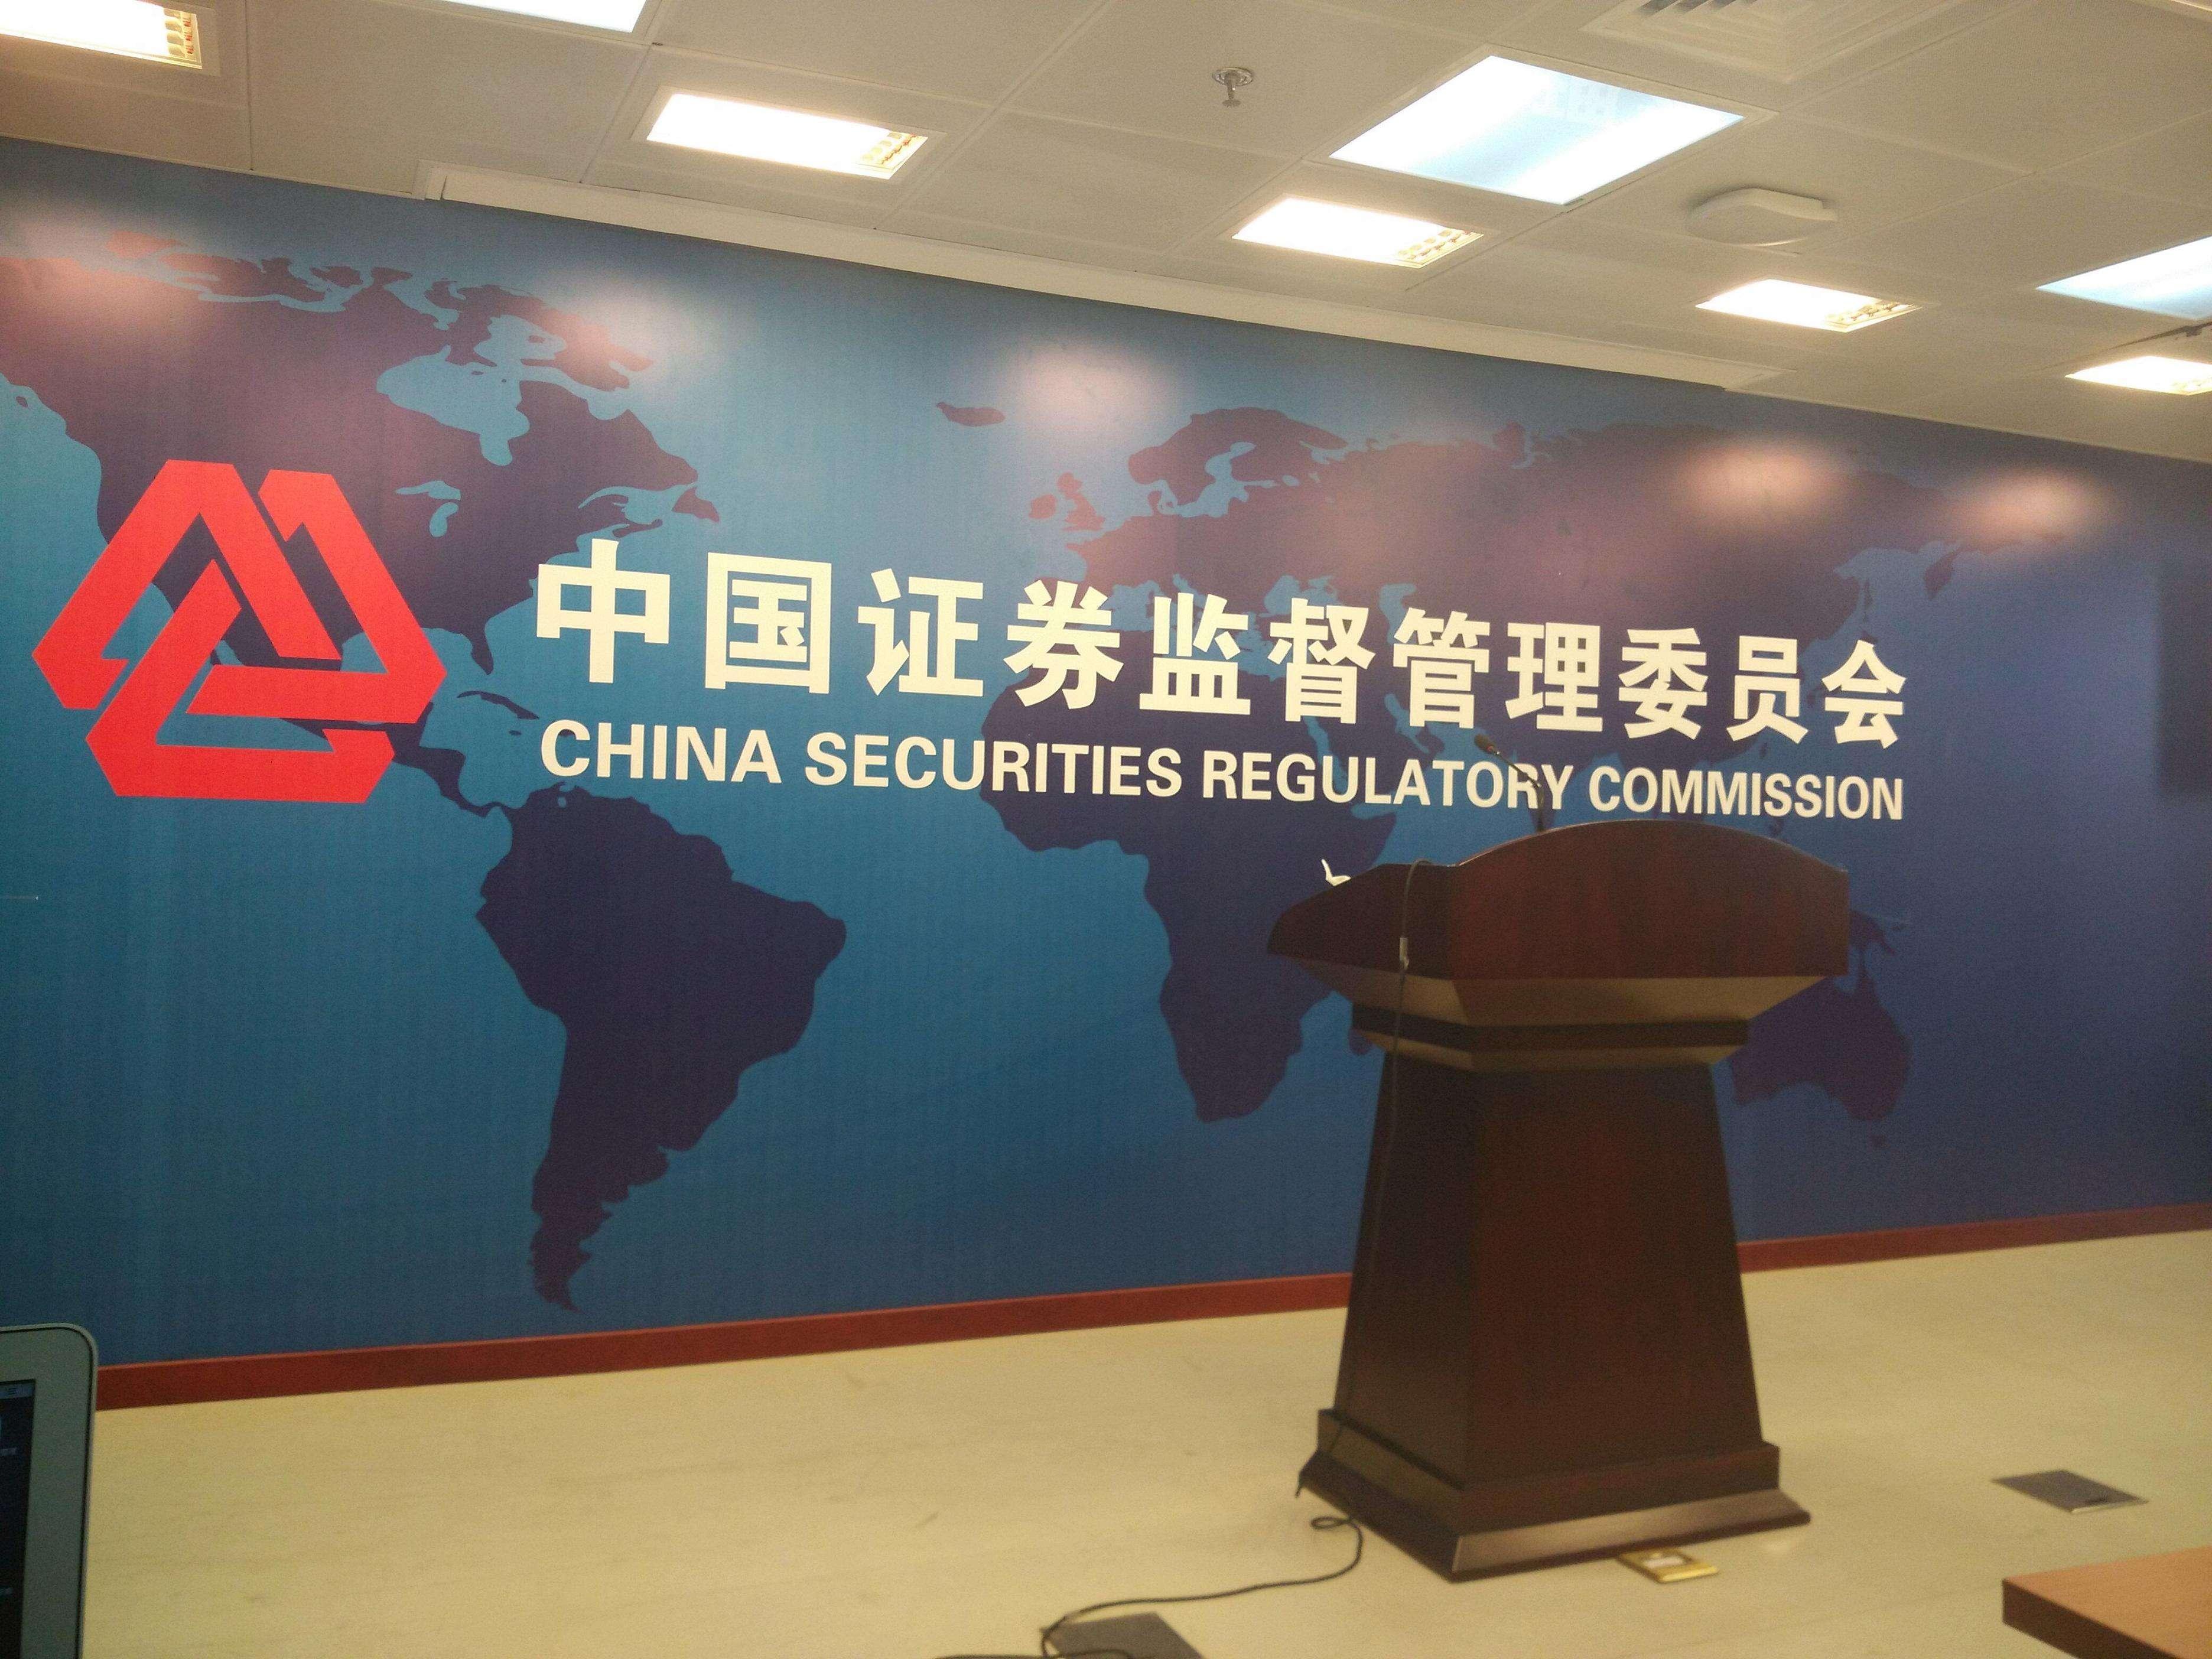 宋清辉:严格监管资本市场违法行为,是深化资本市场改革的要求